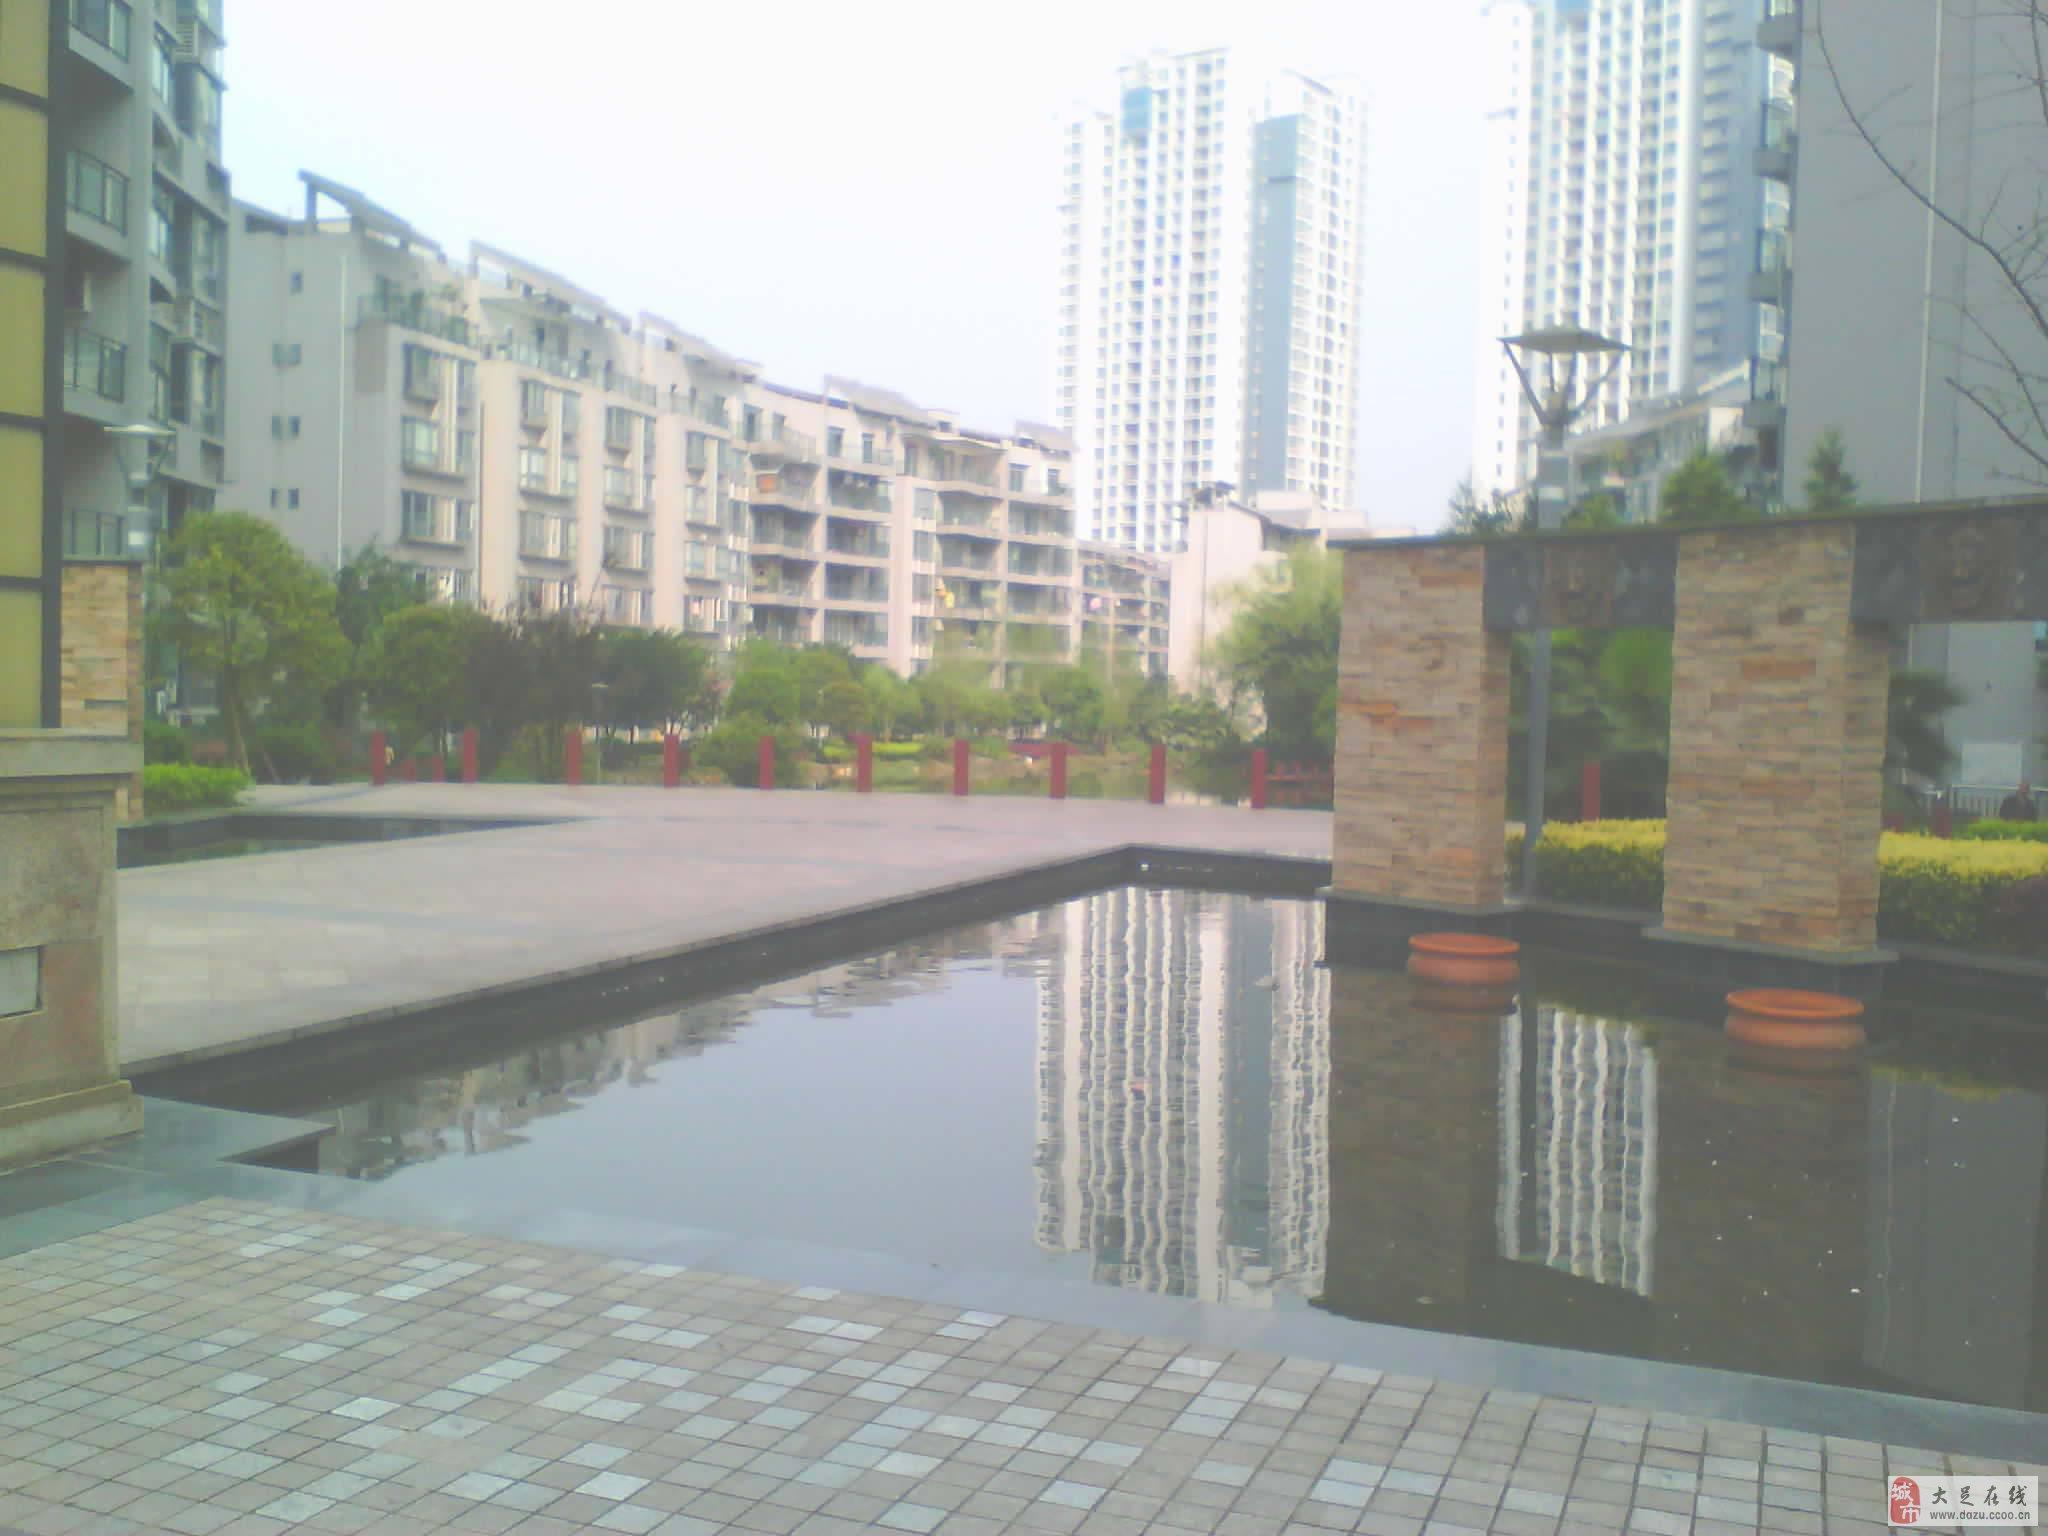 【开源蓝湖小区二手房|漯河开源蓝湖小区二手房... - 漯河房天下